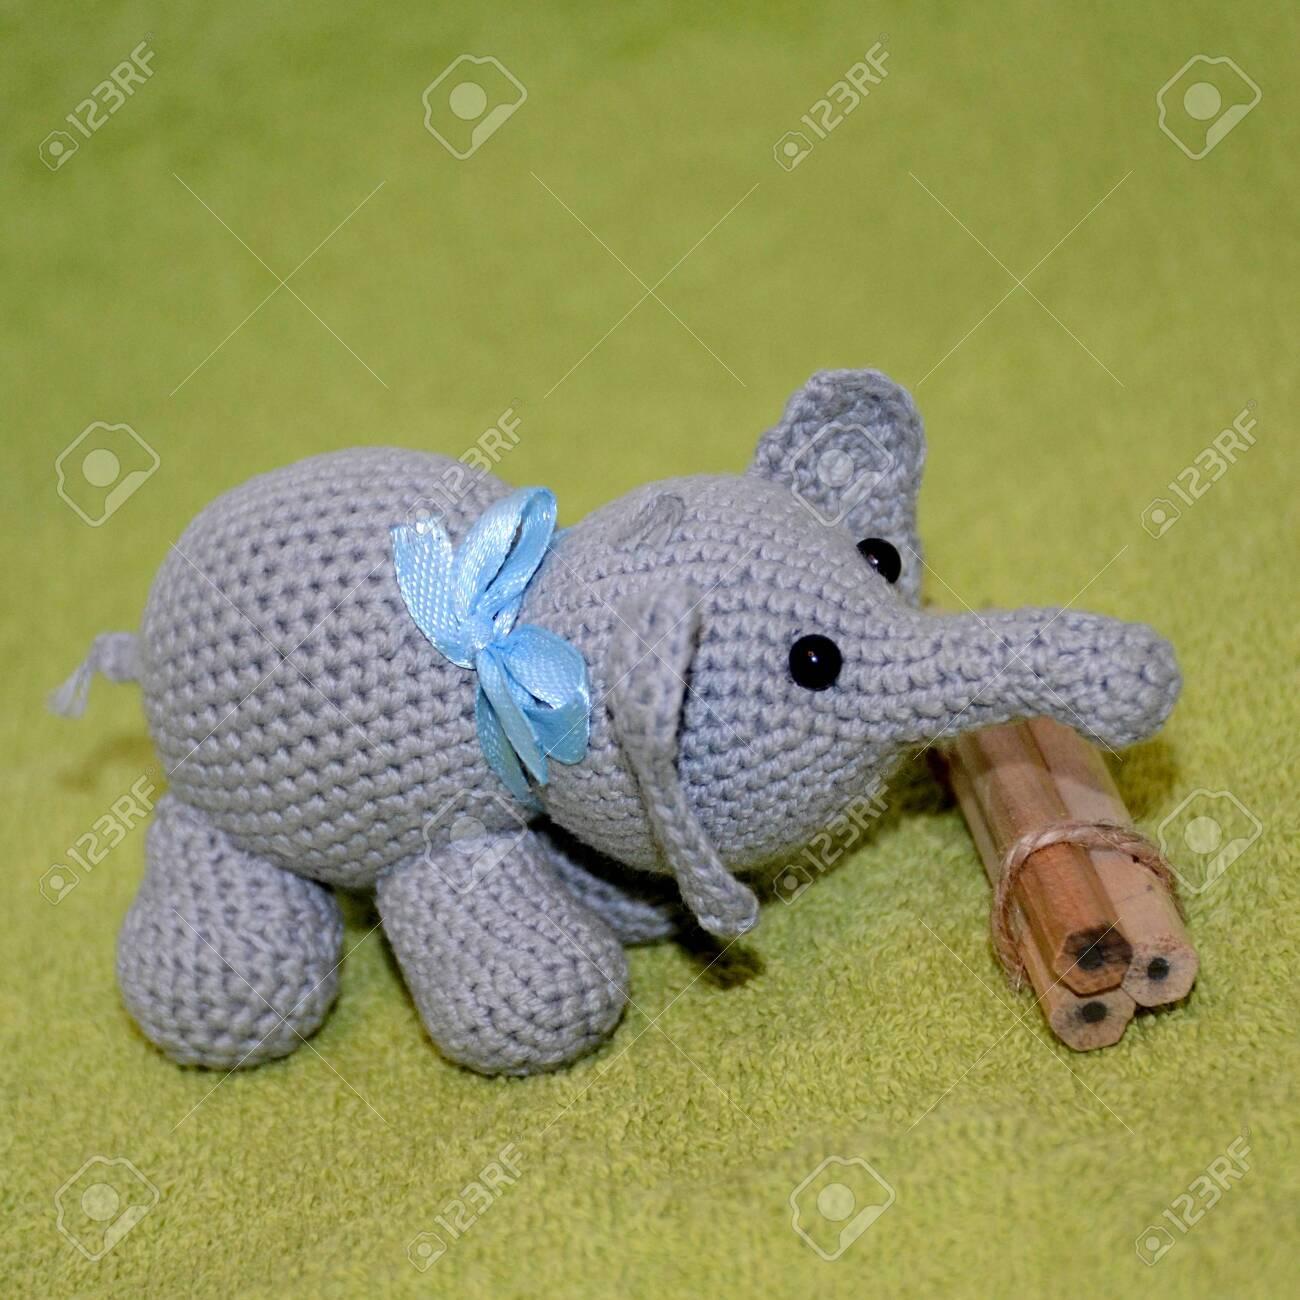 crochet elephant amigurumi - YouTube | 1300x1300